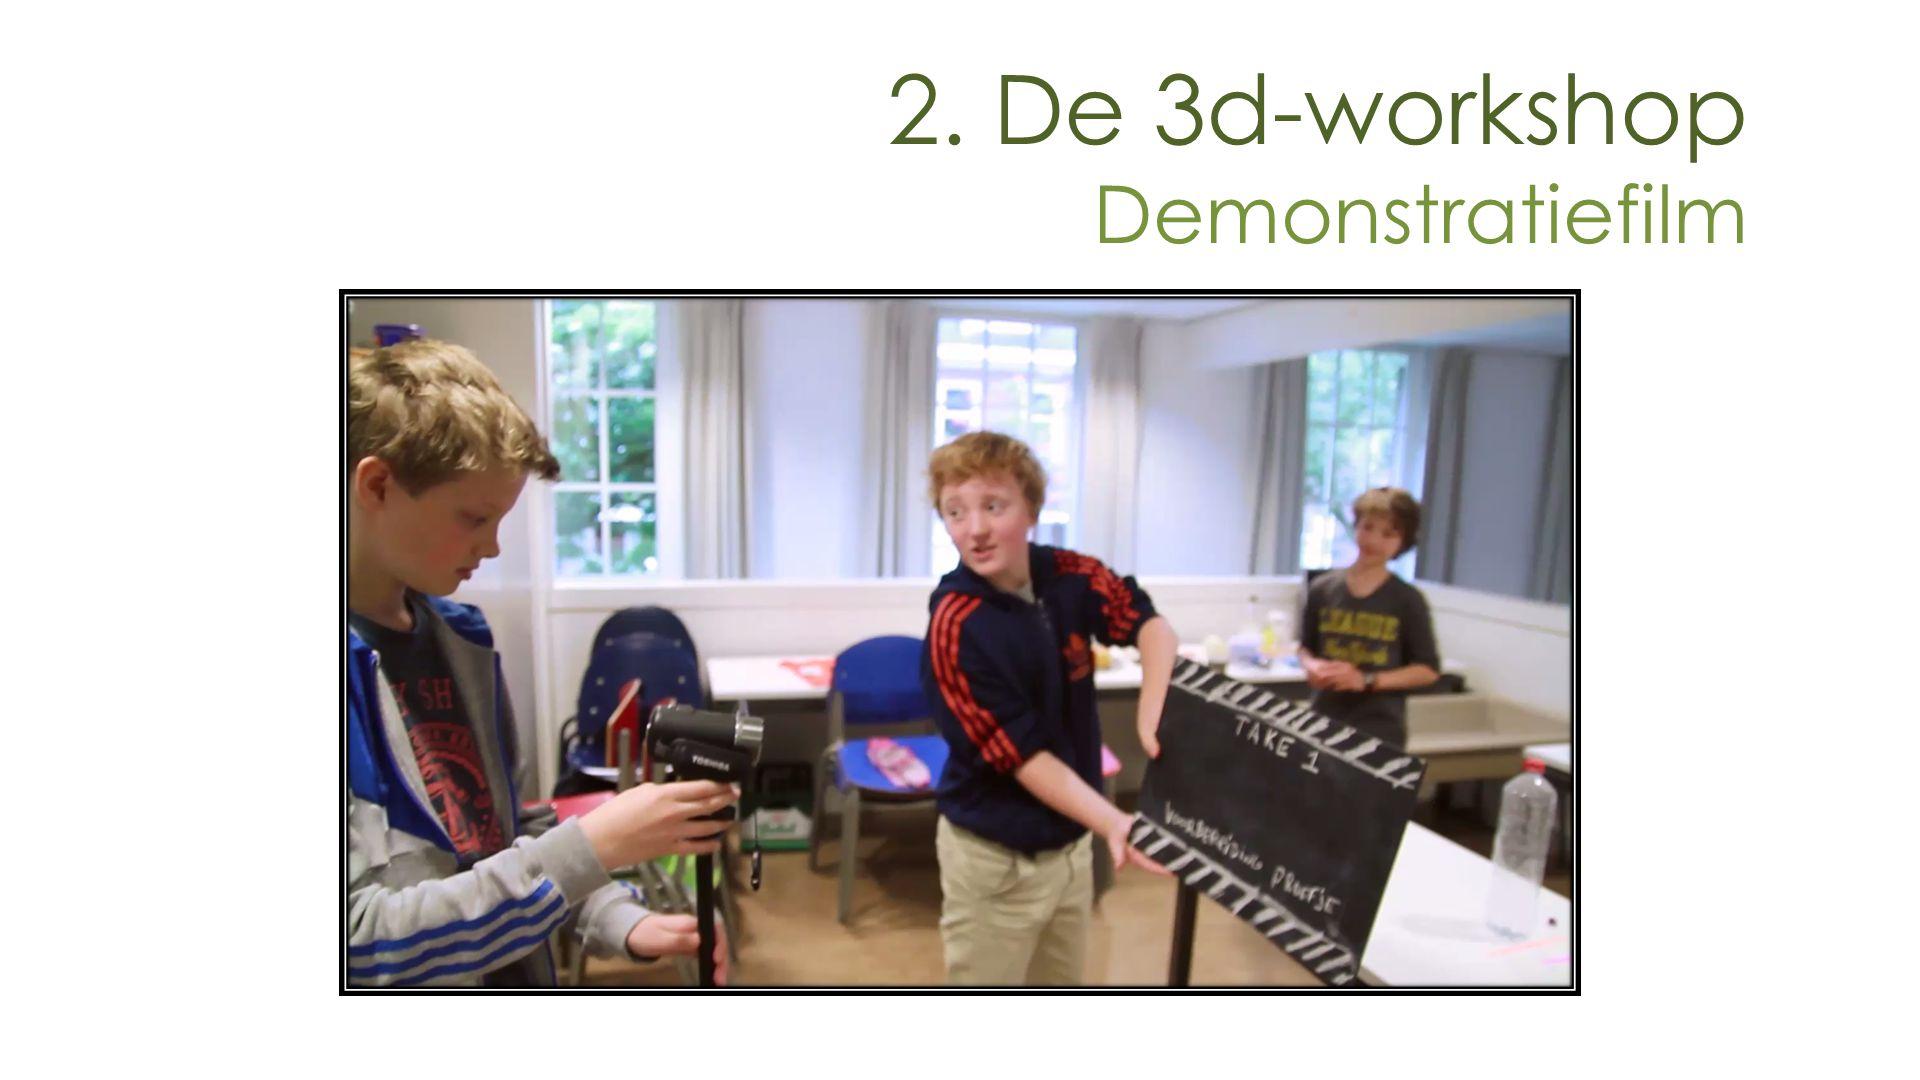 2. De 3d-workshop Demonstratiefilm